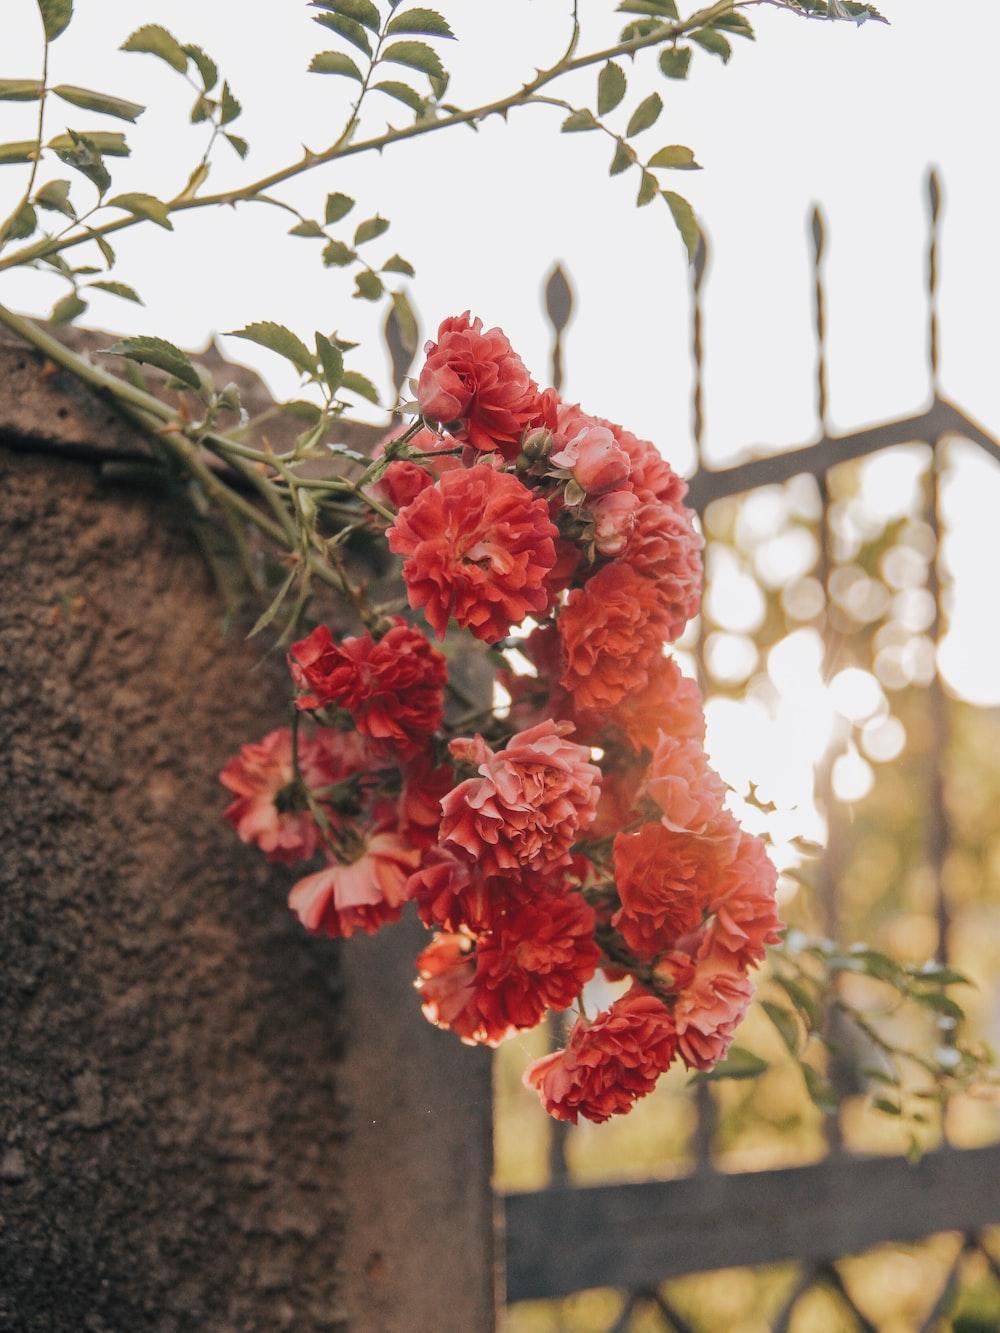 blooming red flowers near metal gate